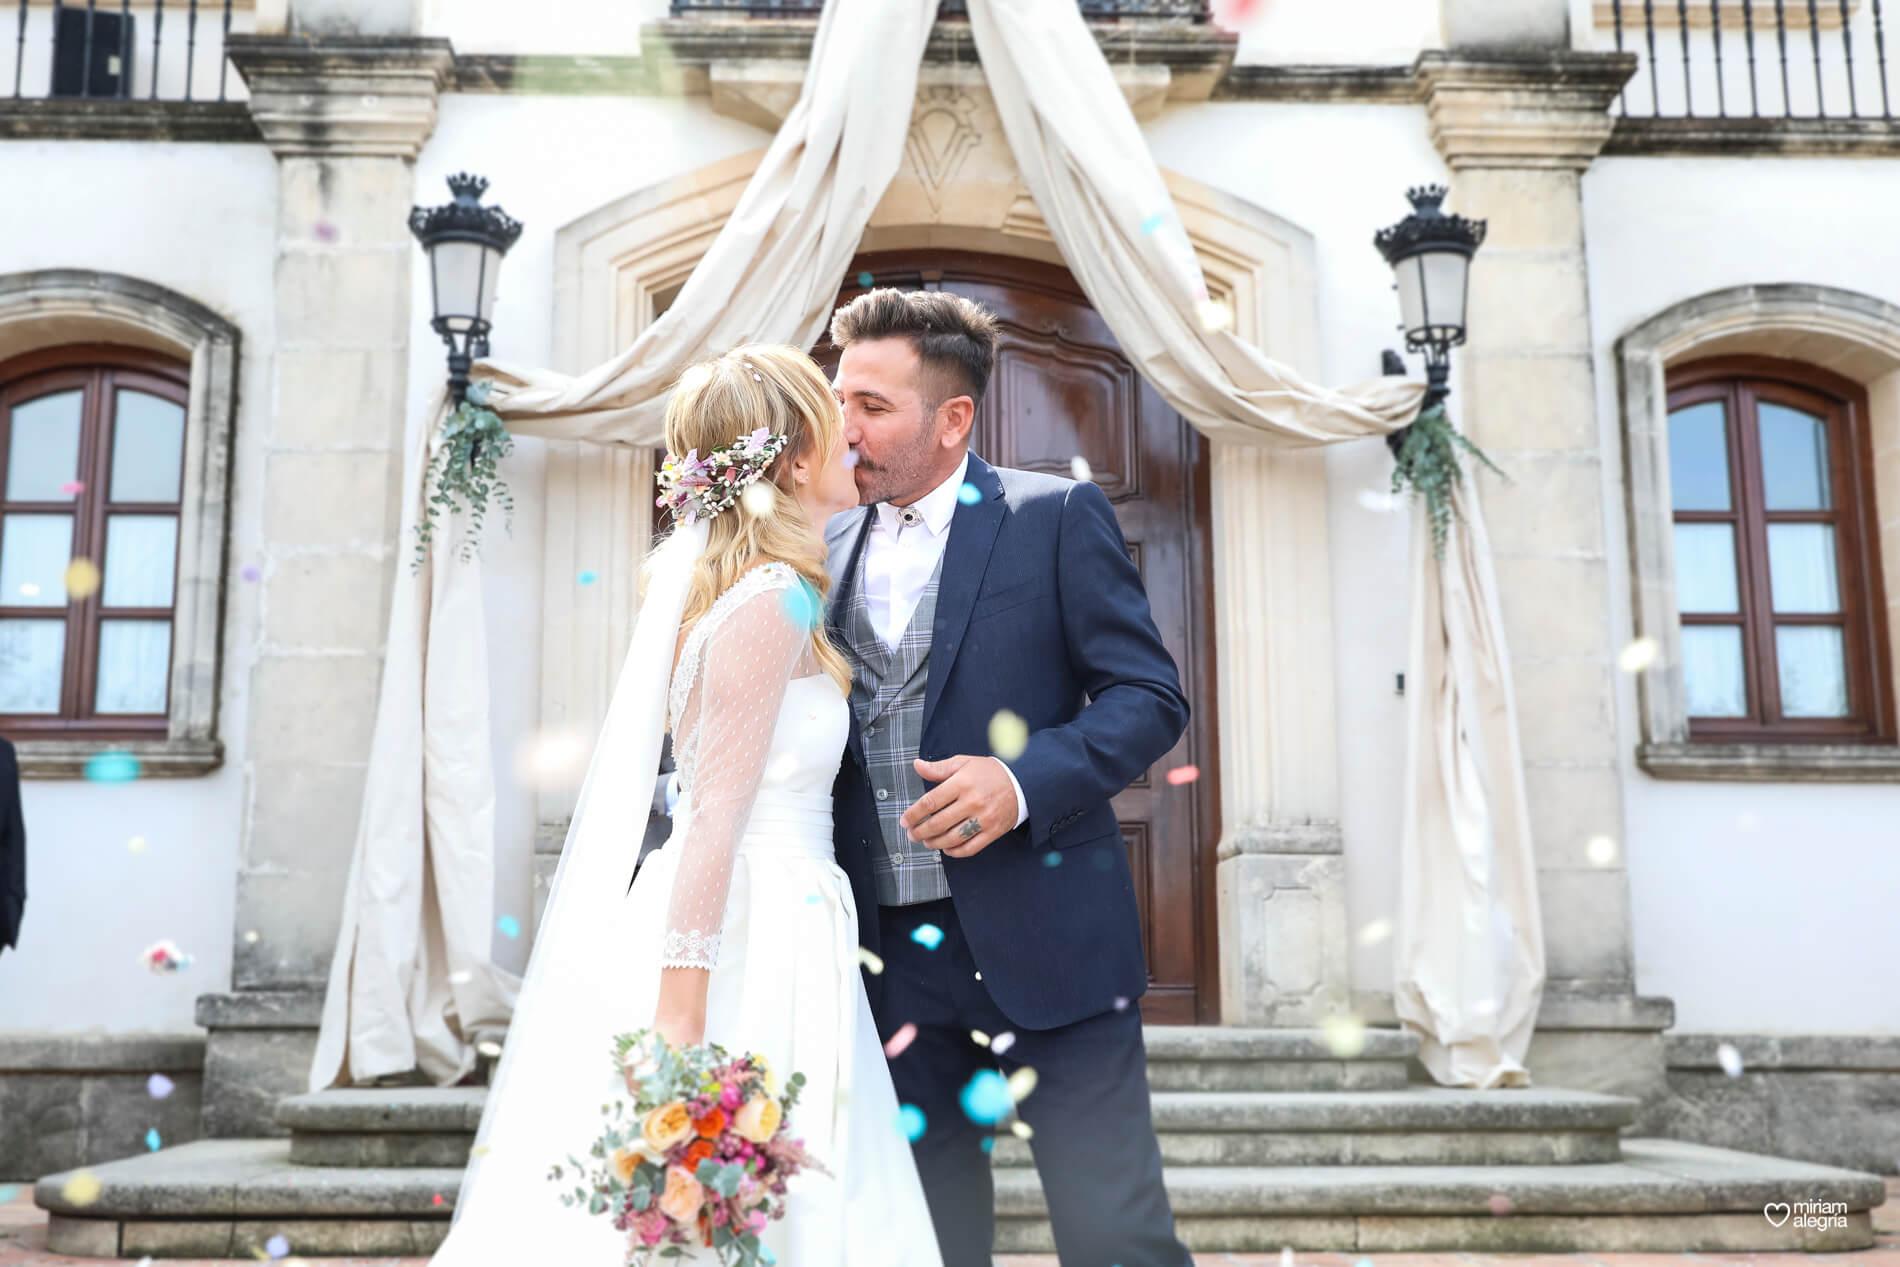 boda-en-finca-villa-vera-de-alemc7-miriam-alegria-fotografos-boda-murcia-86